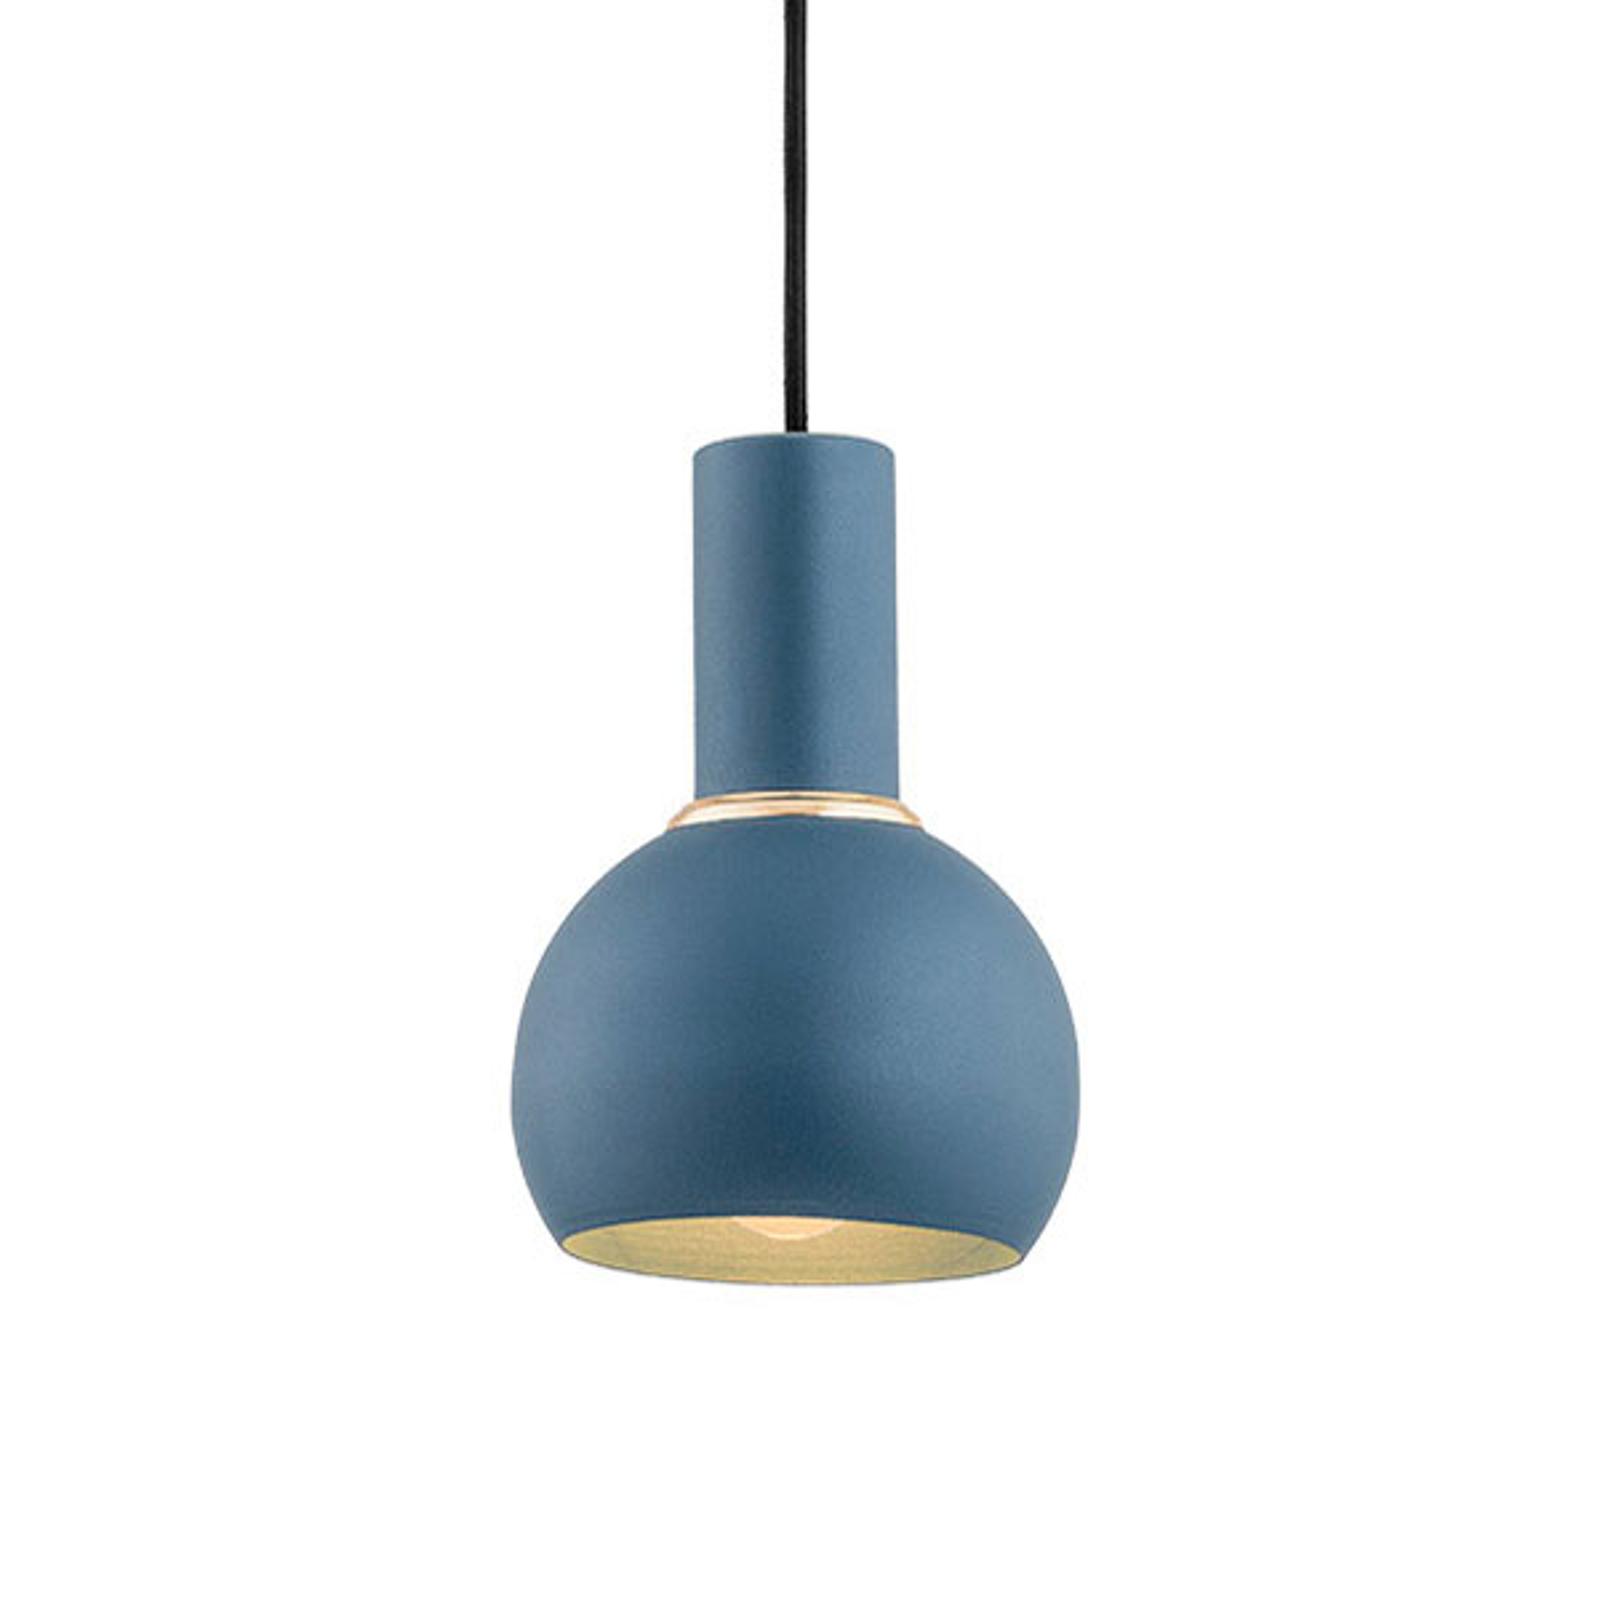 Závěsné světlo Selma, jeden zdroj, modré Ø 14 cm